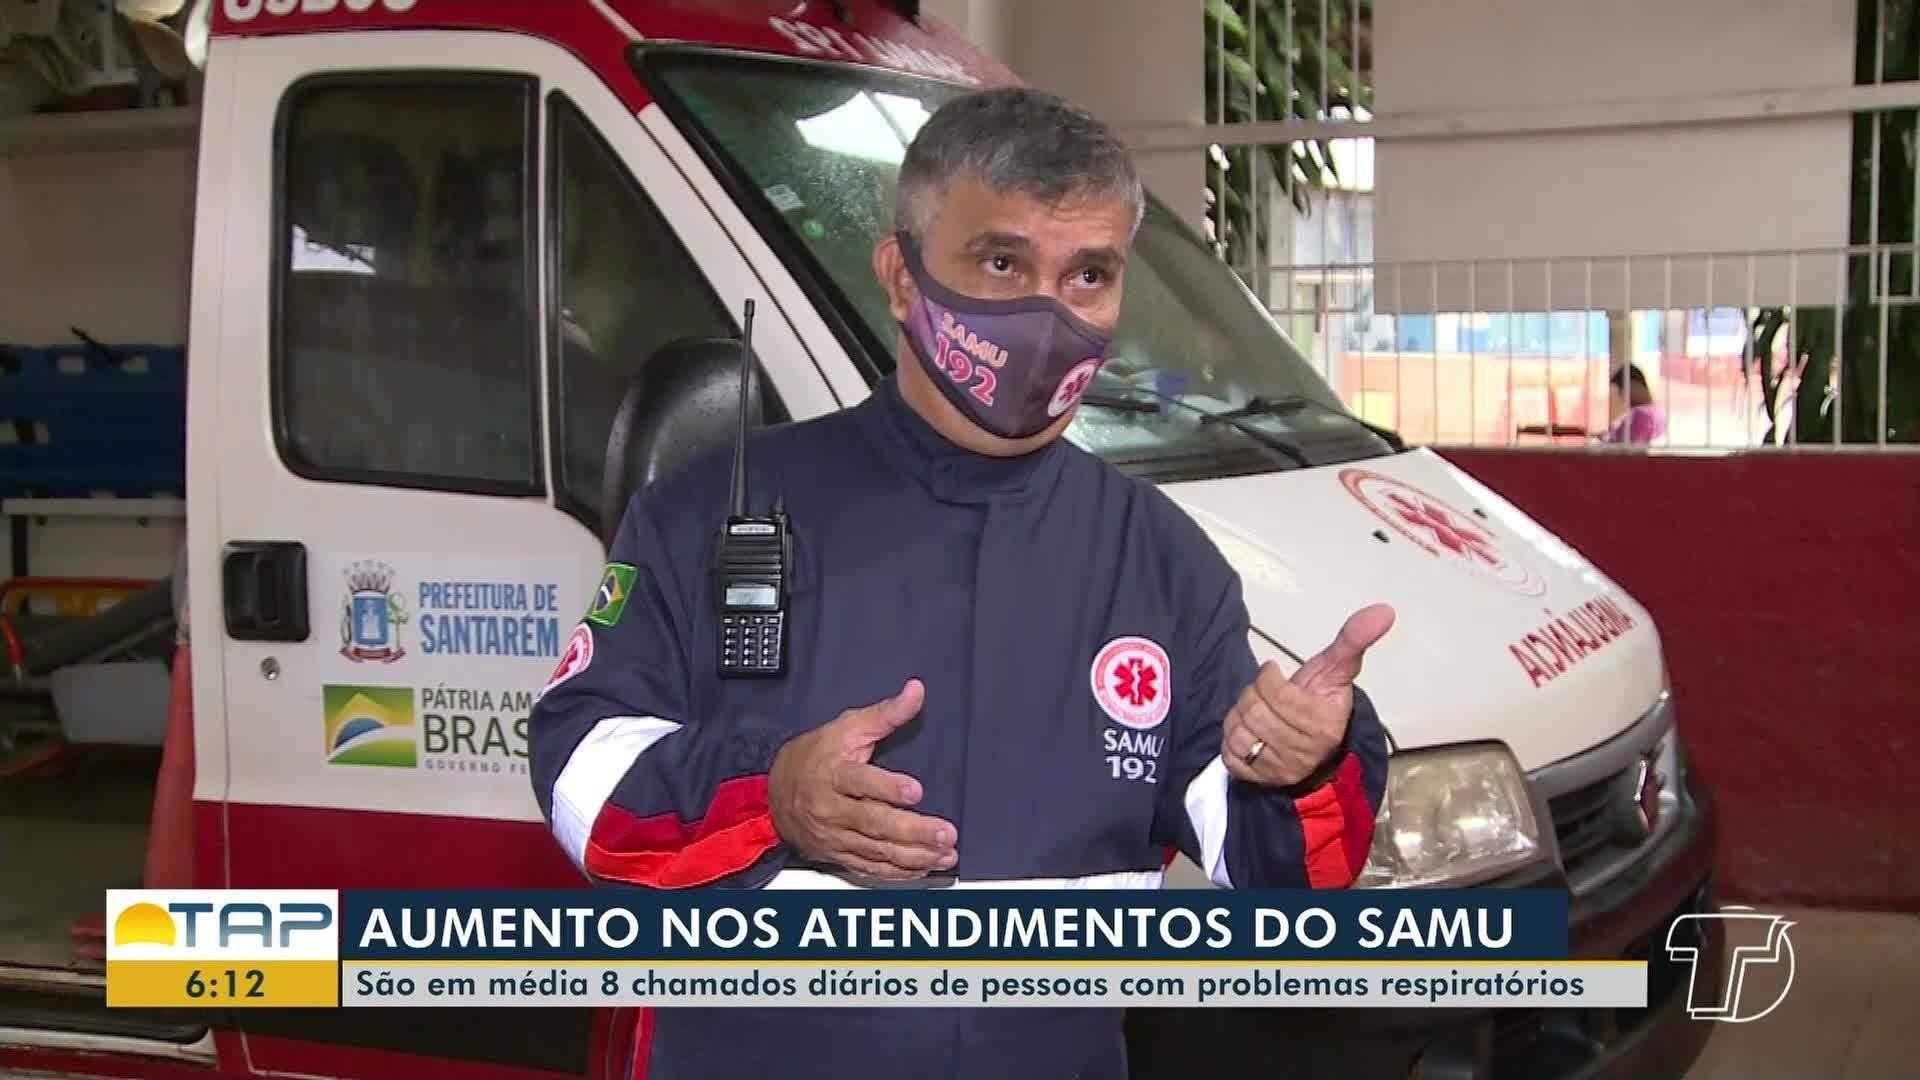 VÍDEOS: Bom Dia Tapajós de sexta-feira, 8 de maio